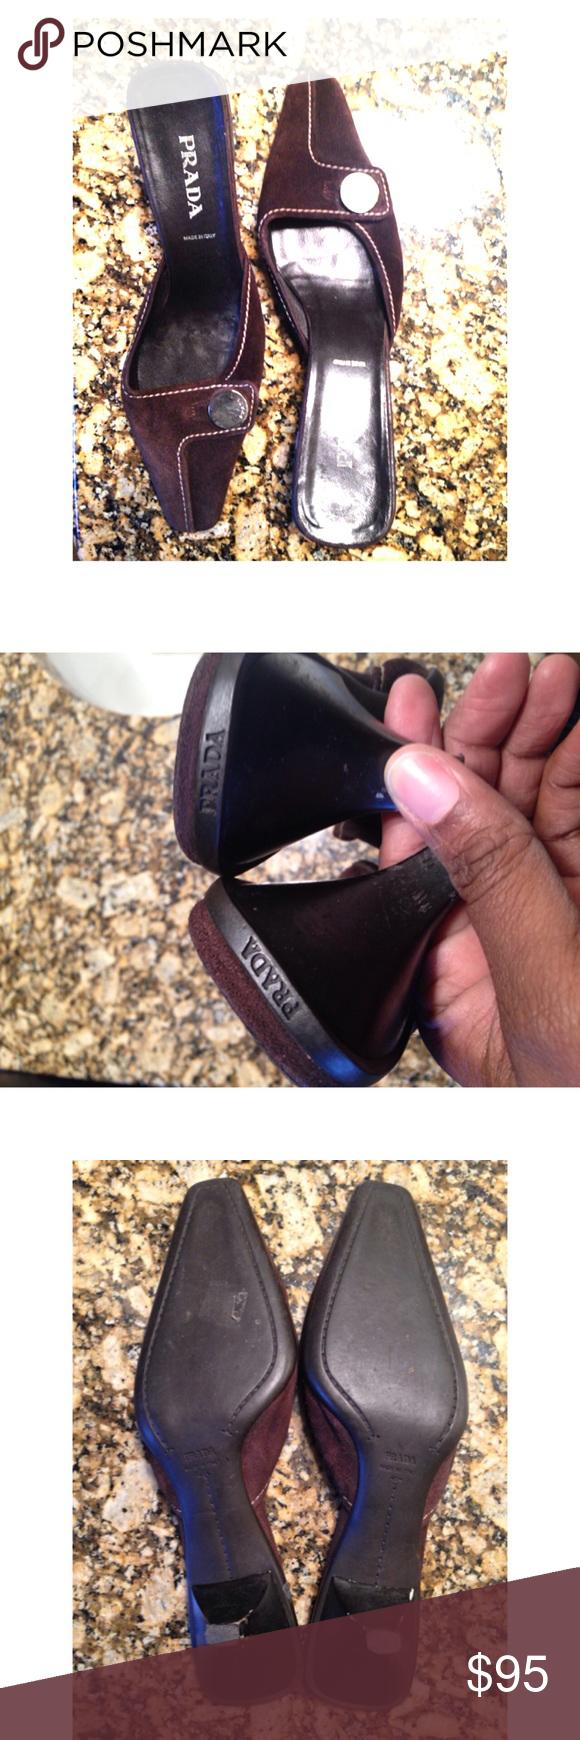 """Prada Slides Heel measures 2.5"""". Shows minor signs of wear on heels. Suede upper. Prada Shoes Mules & Clogs"""